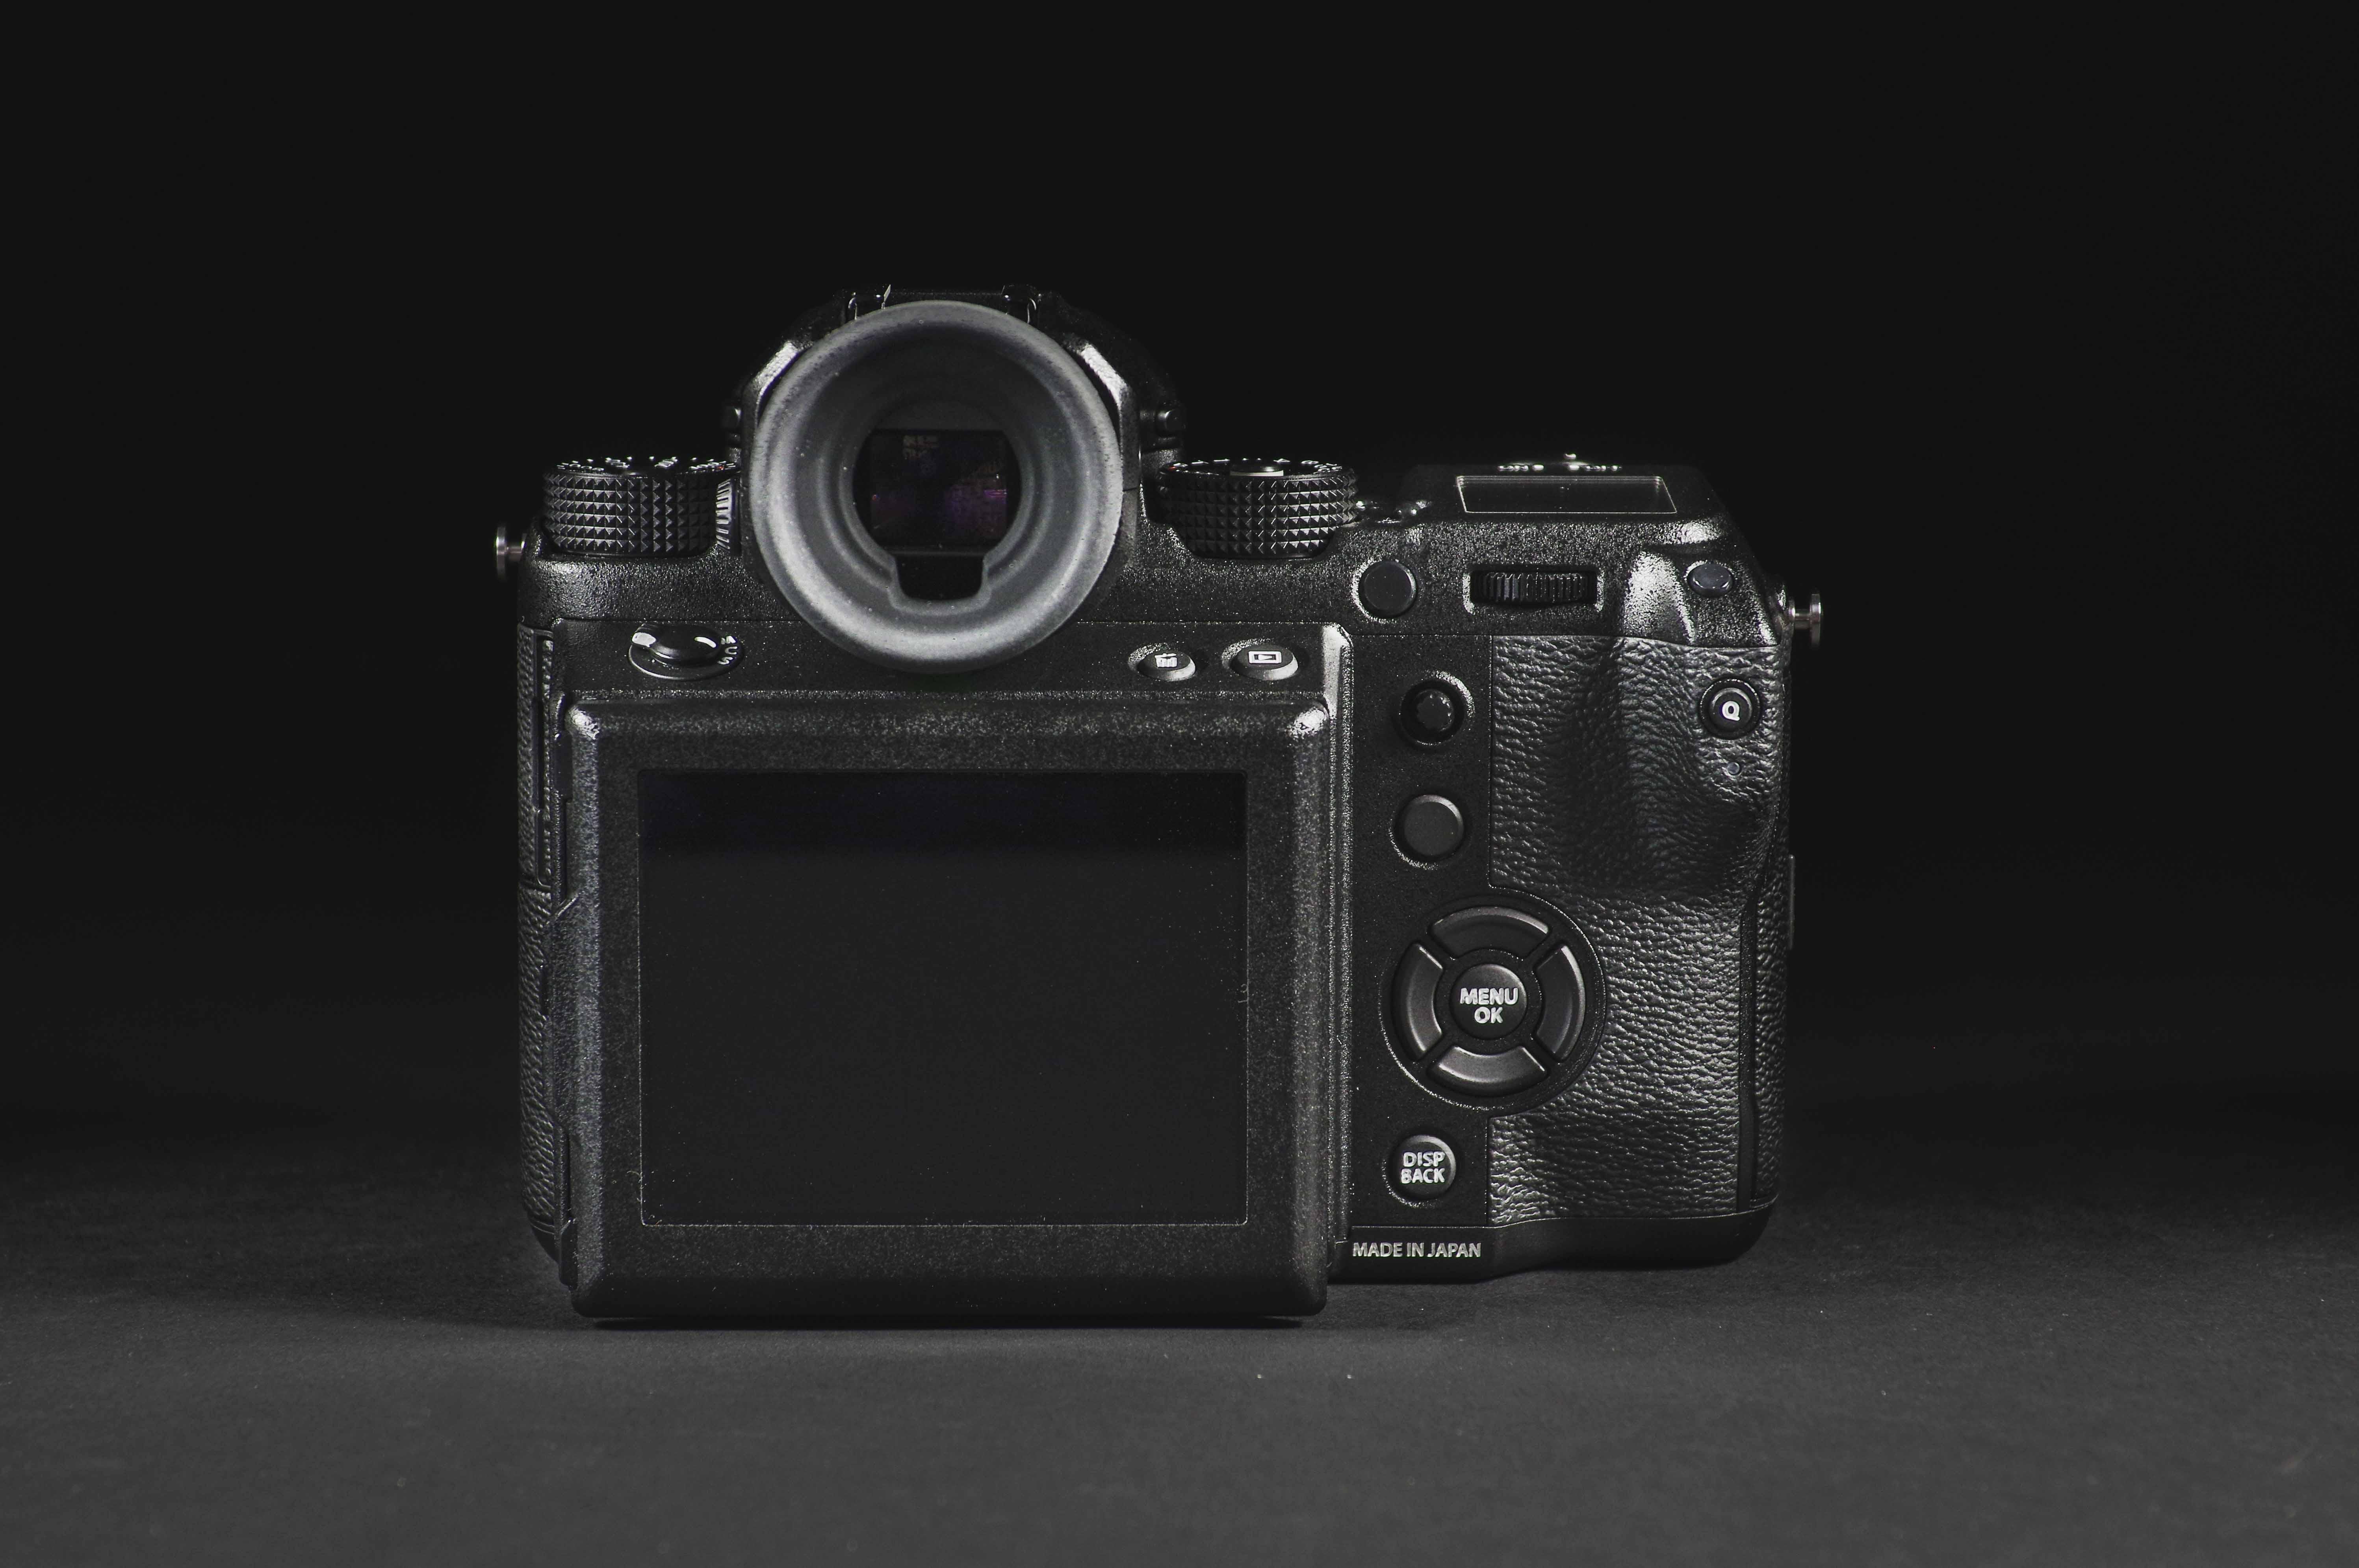 6c18dff5b84 Kaamera saabus meile koos kahe objektiiviga turvalises kohvris, et pakkuda  kaamerale tõelist kaitset. Siinkohal olekski hea rääkida selle  vastupidavusest.